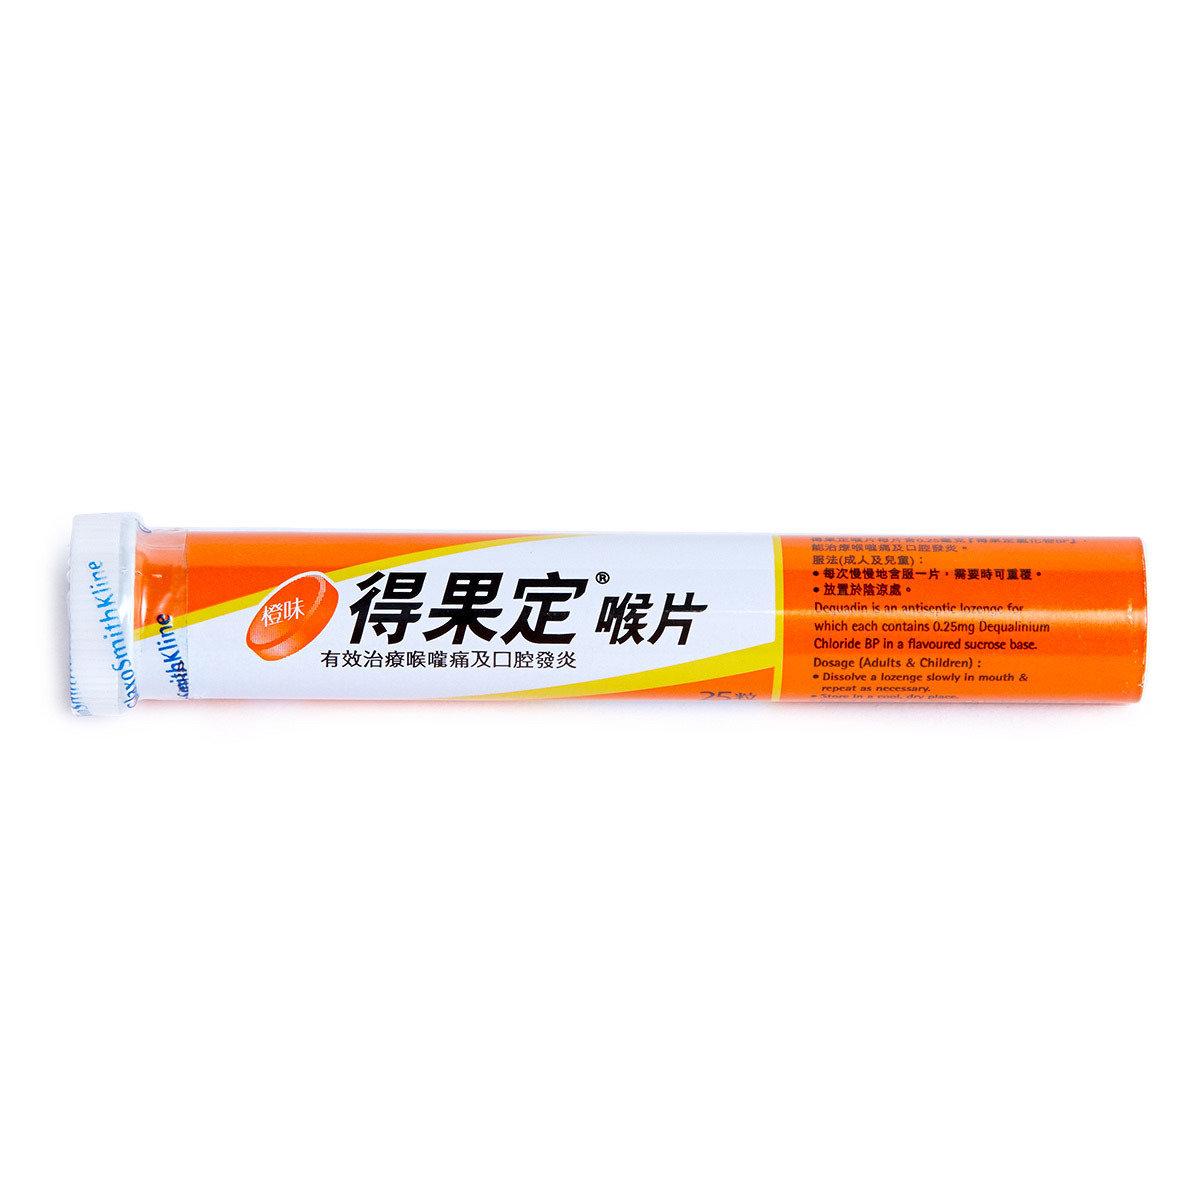 喉片橙味25粒裝